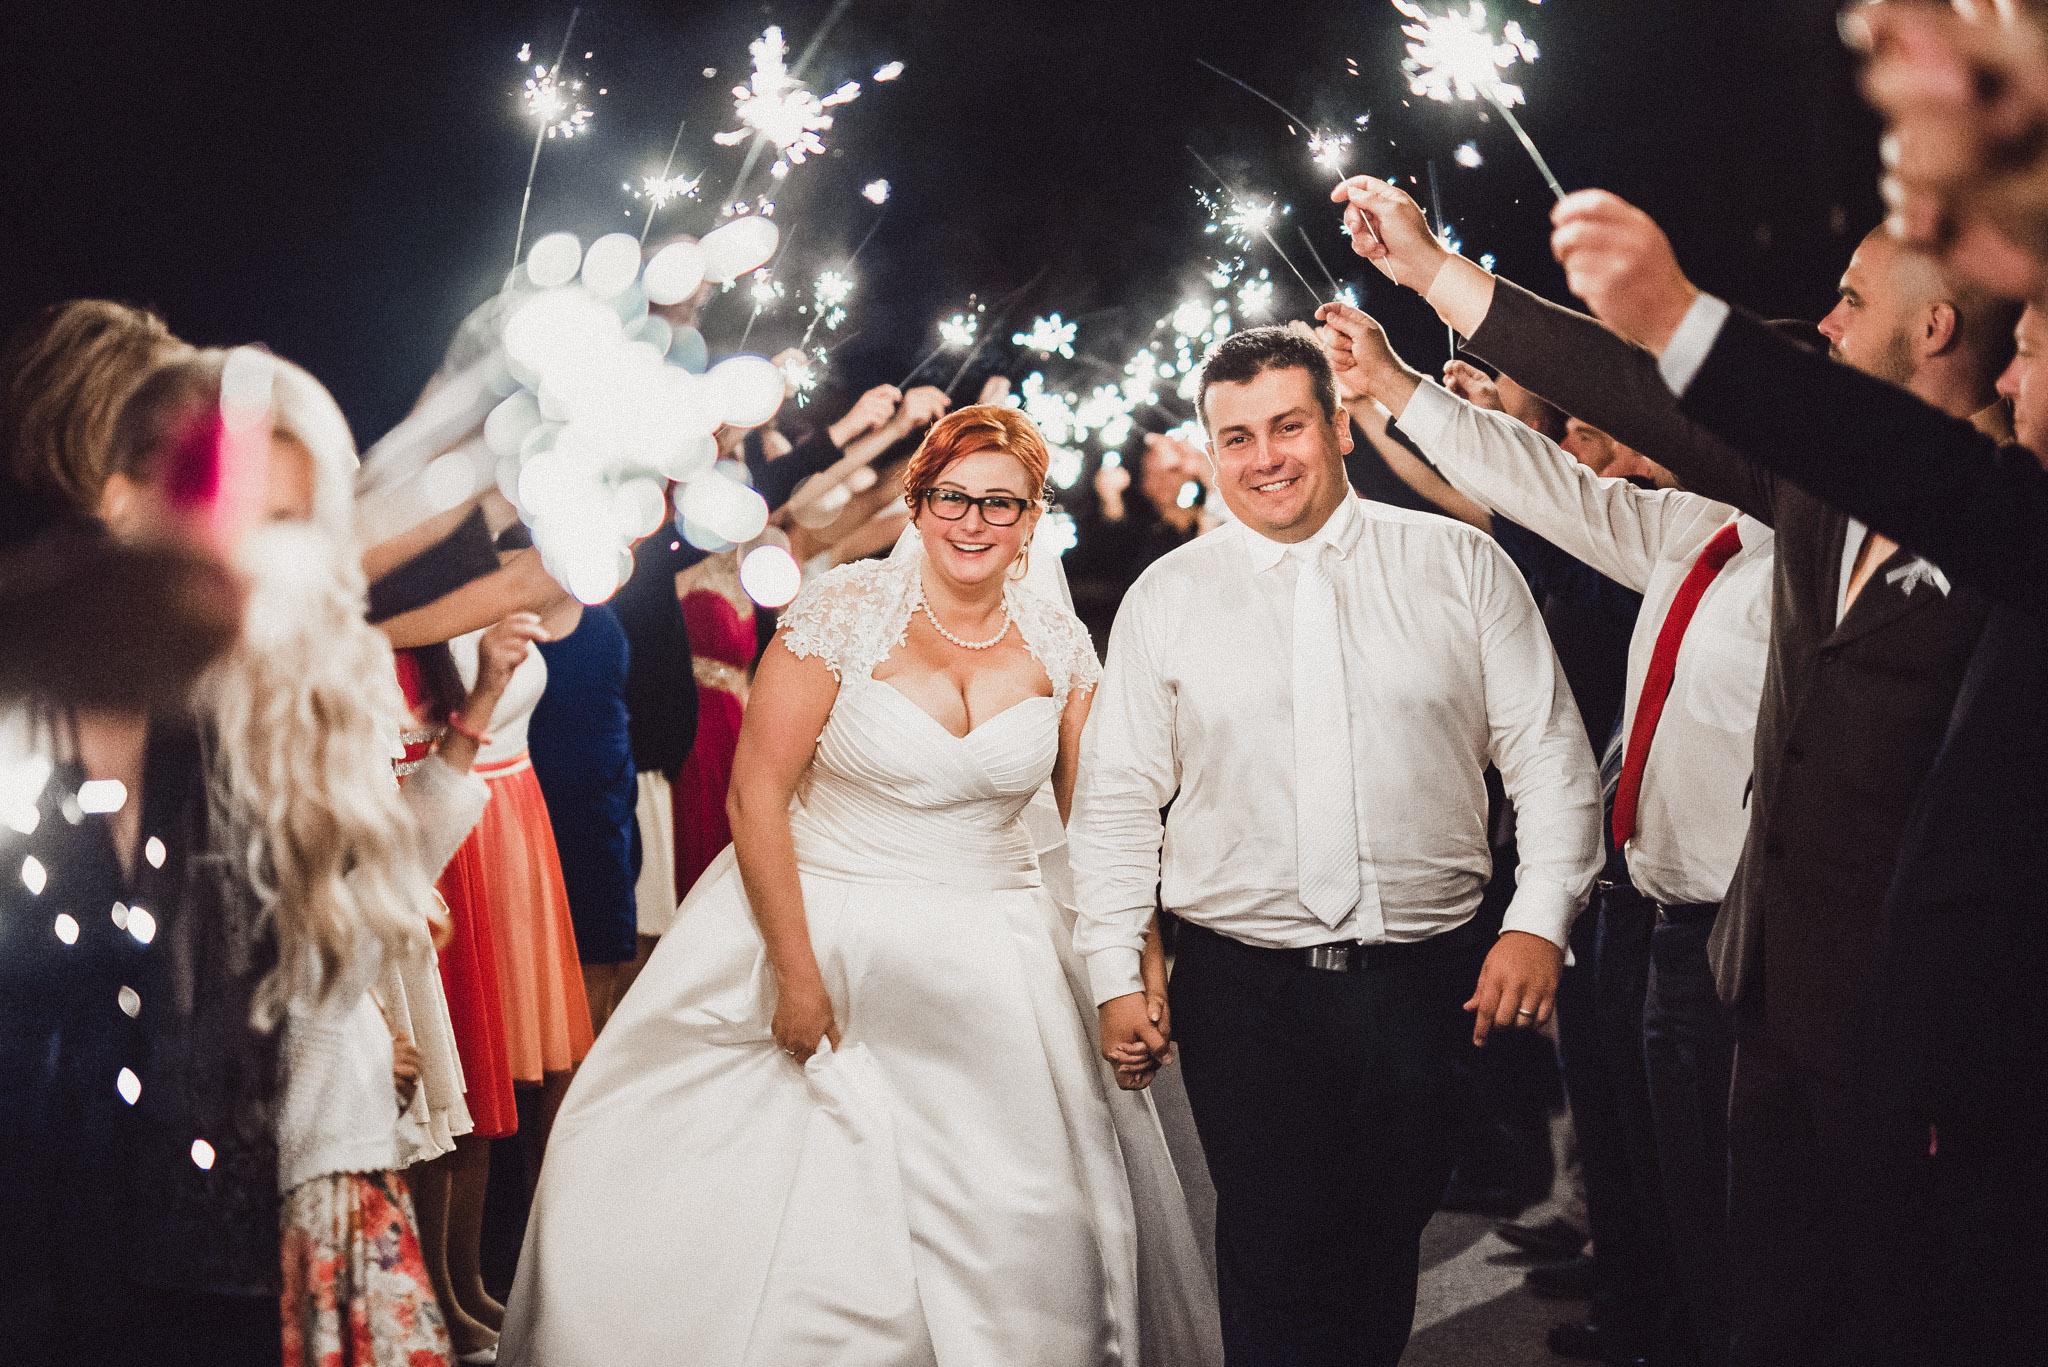 ženích, nevesta, šaty, prskavky, svetielka, romantika, svadobní hostia, tma, noc, emócia, radosť, šťastie, zábava